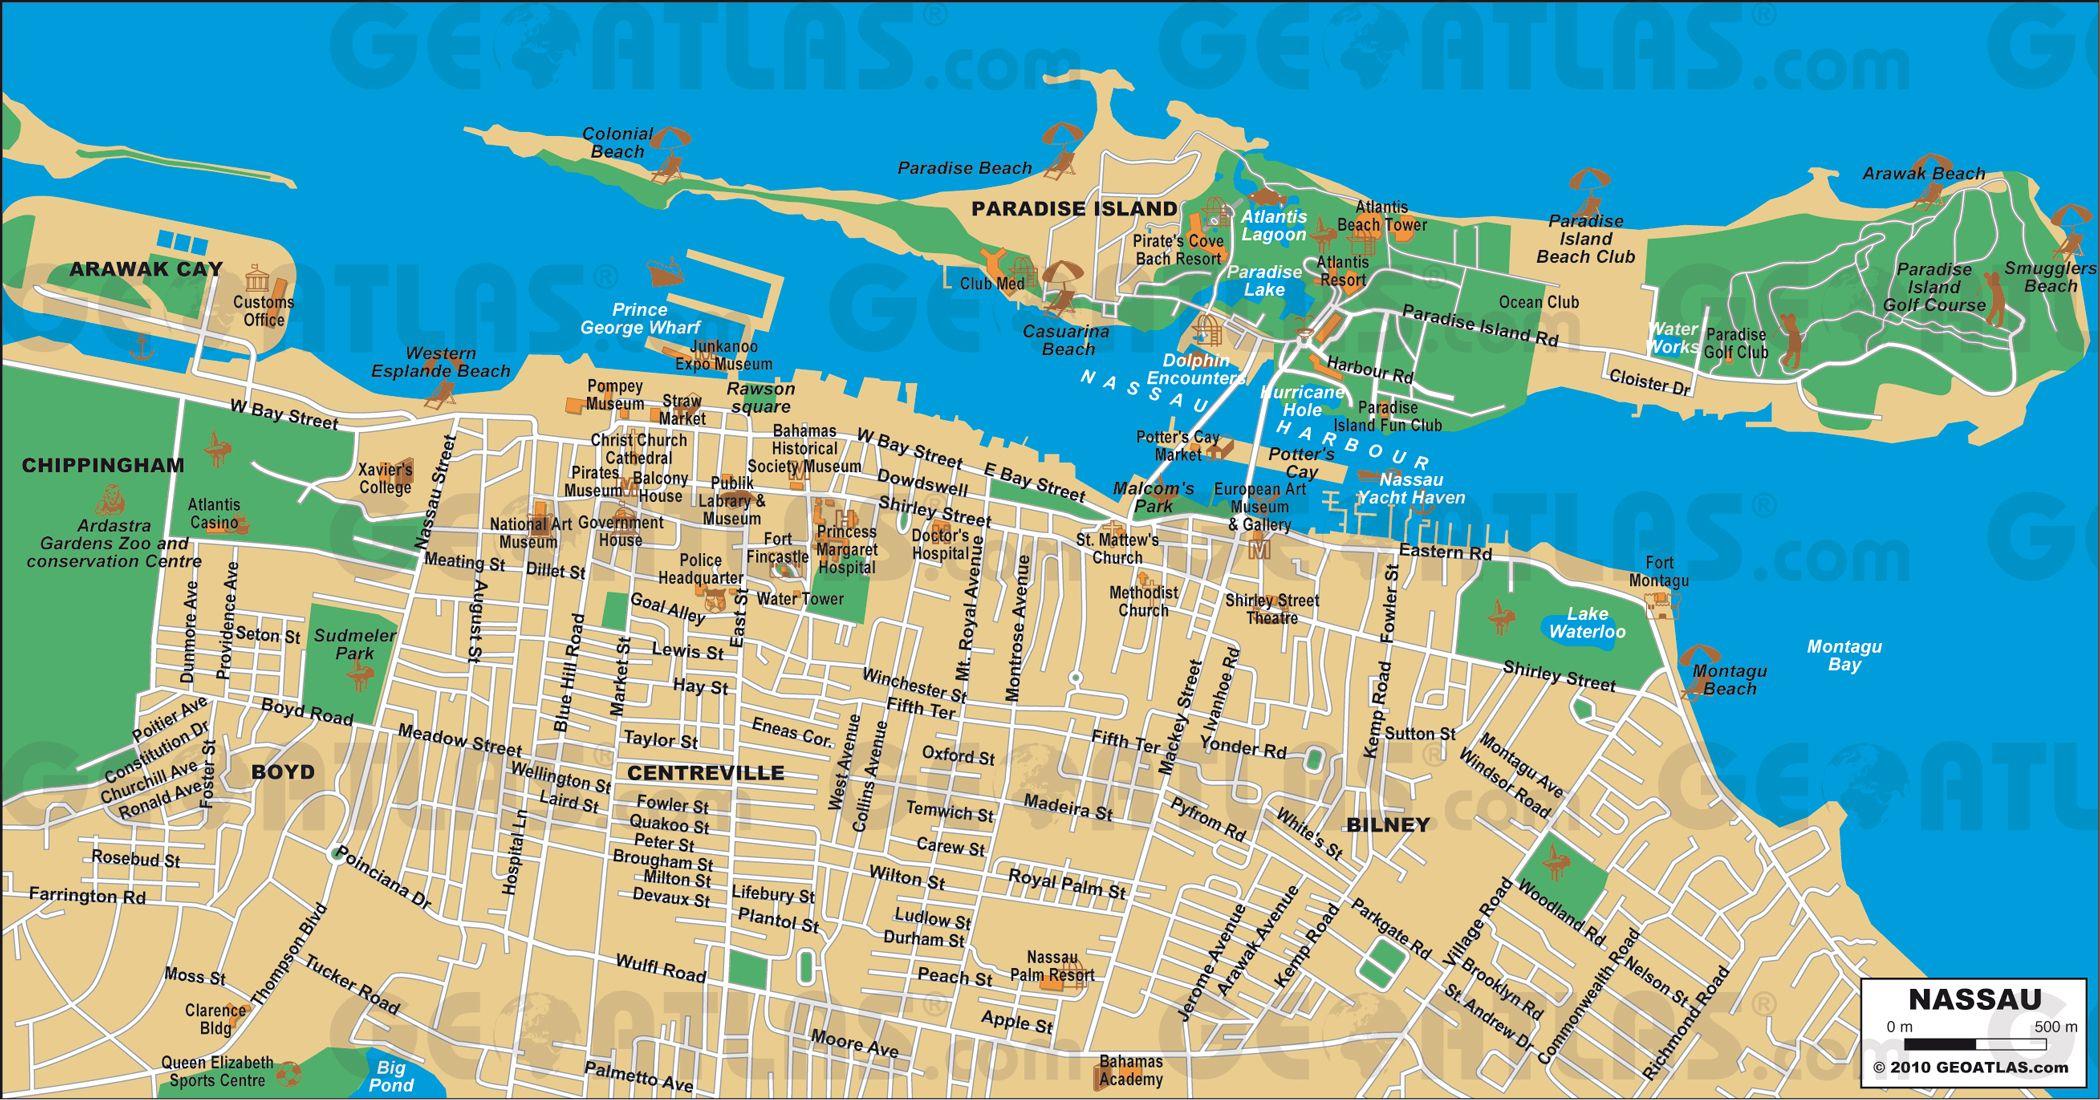 Nassau Cruise Port Guide - Cruiseportwiki   Disney Cruise Line - Printable Map Of Nassau Bahamas